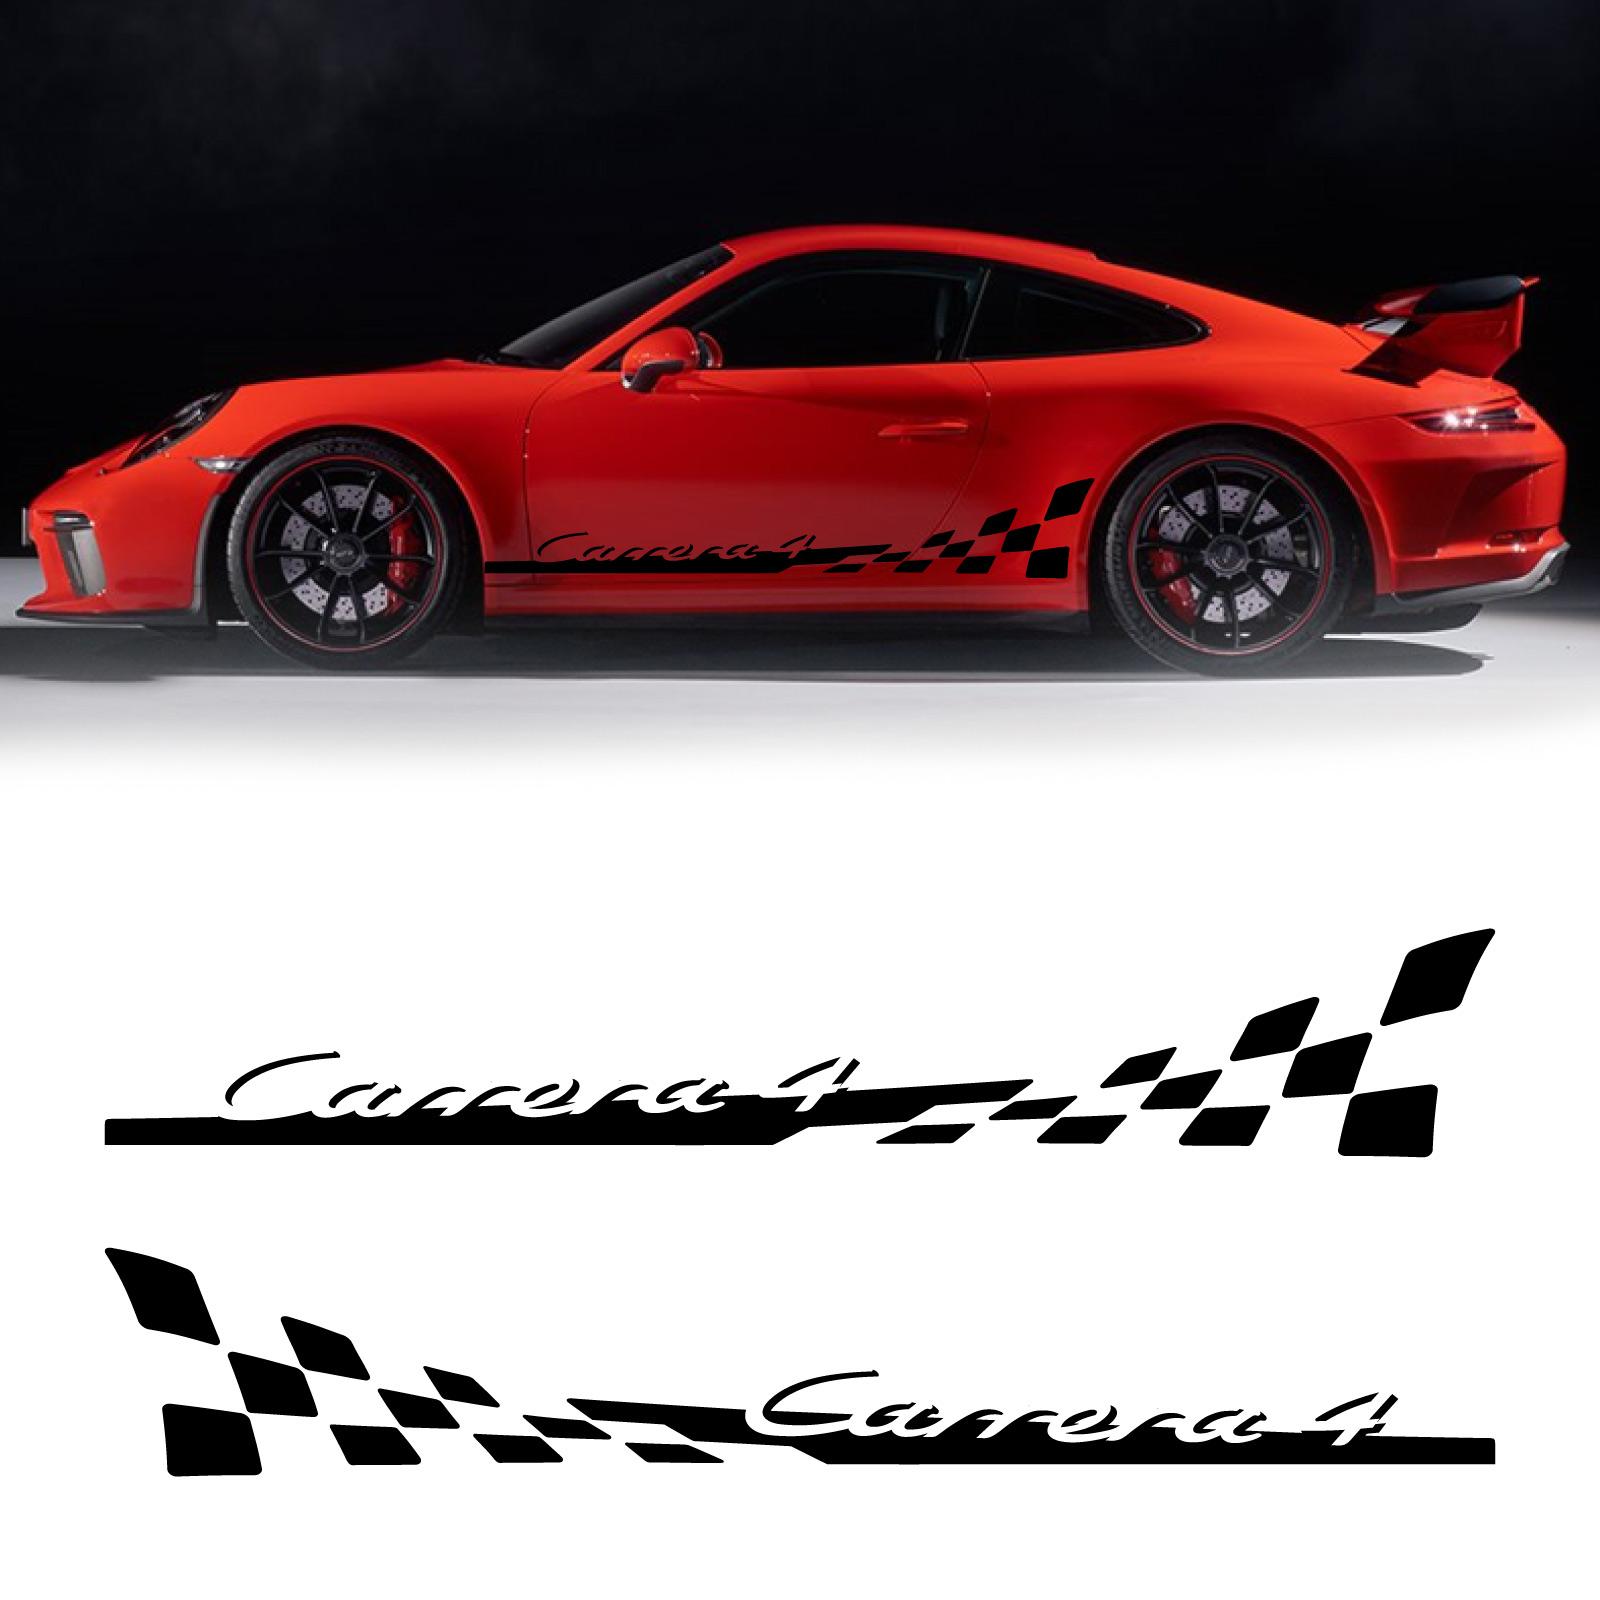 Porsche 911 Carrera 4 Car Stripes Decals